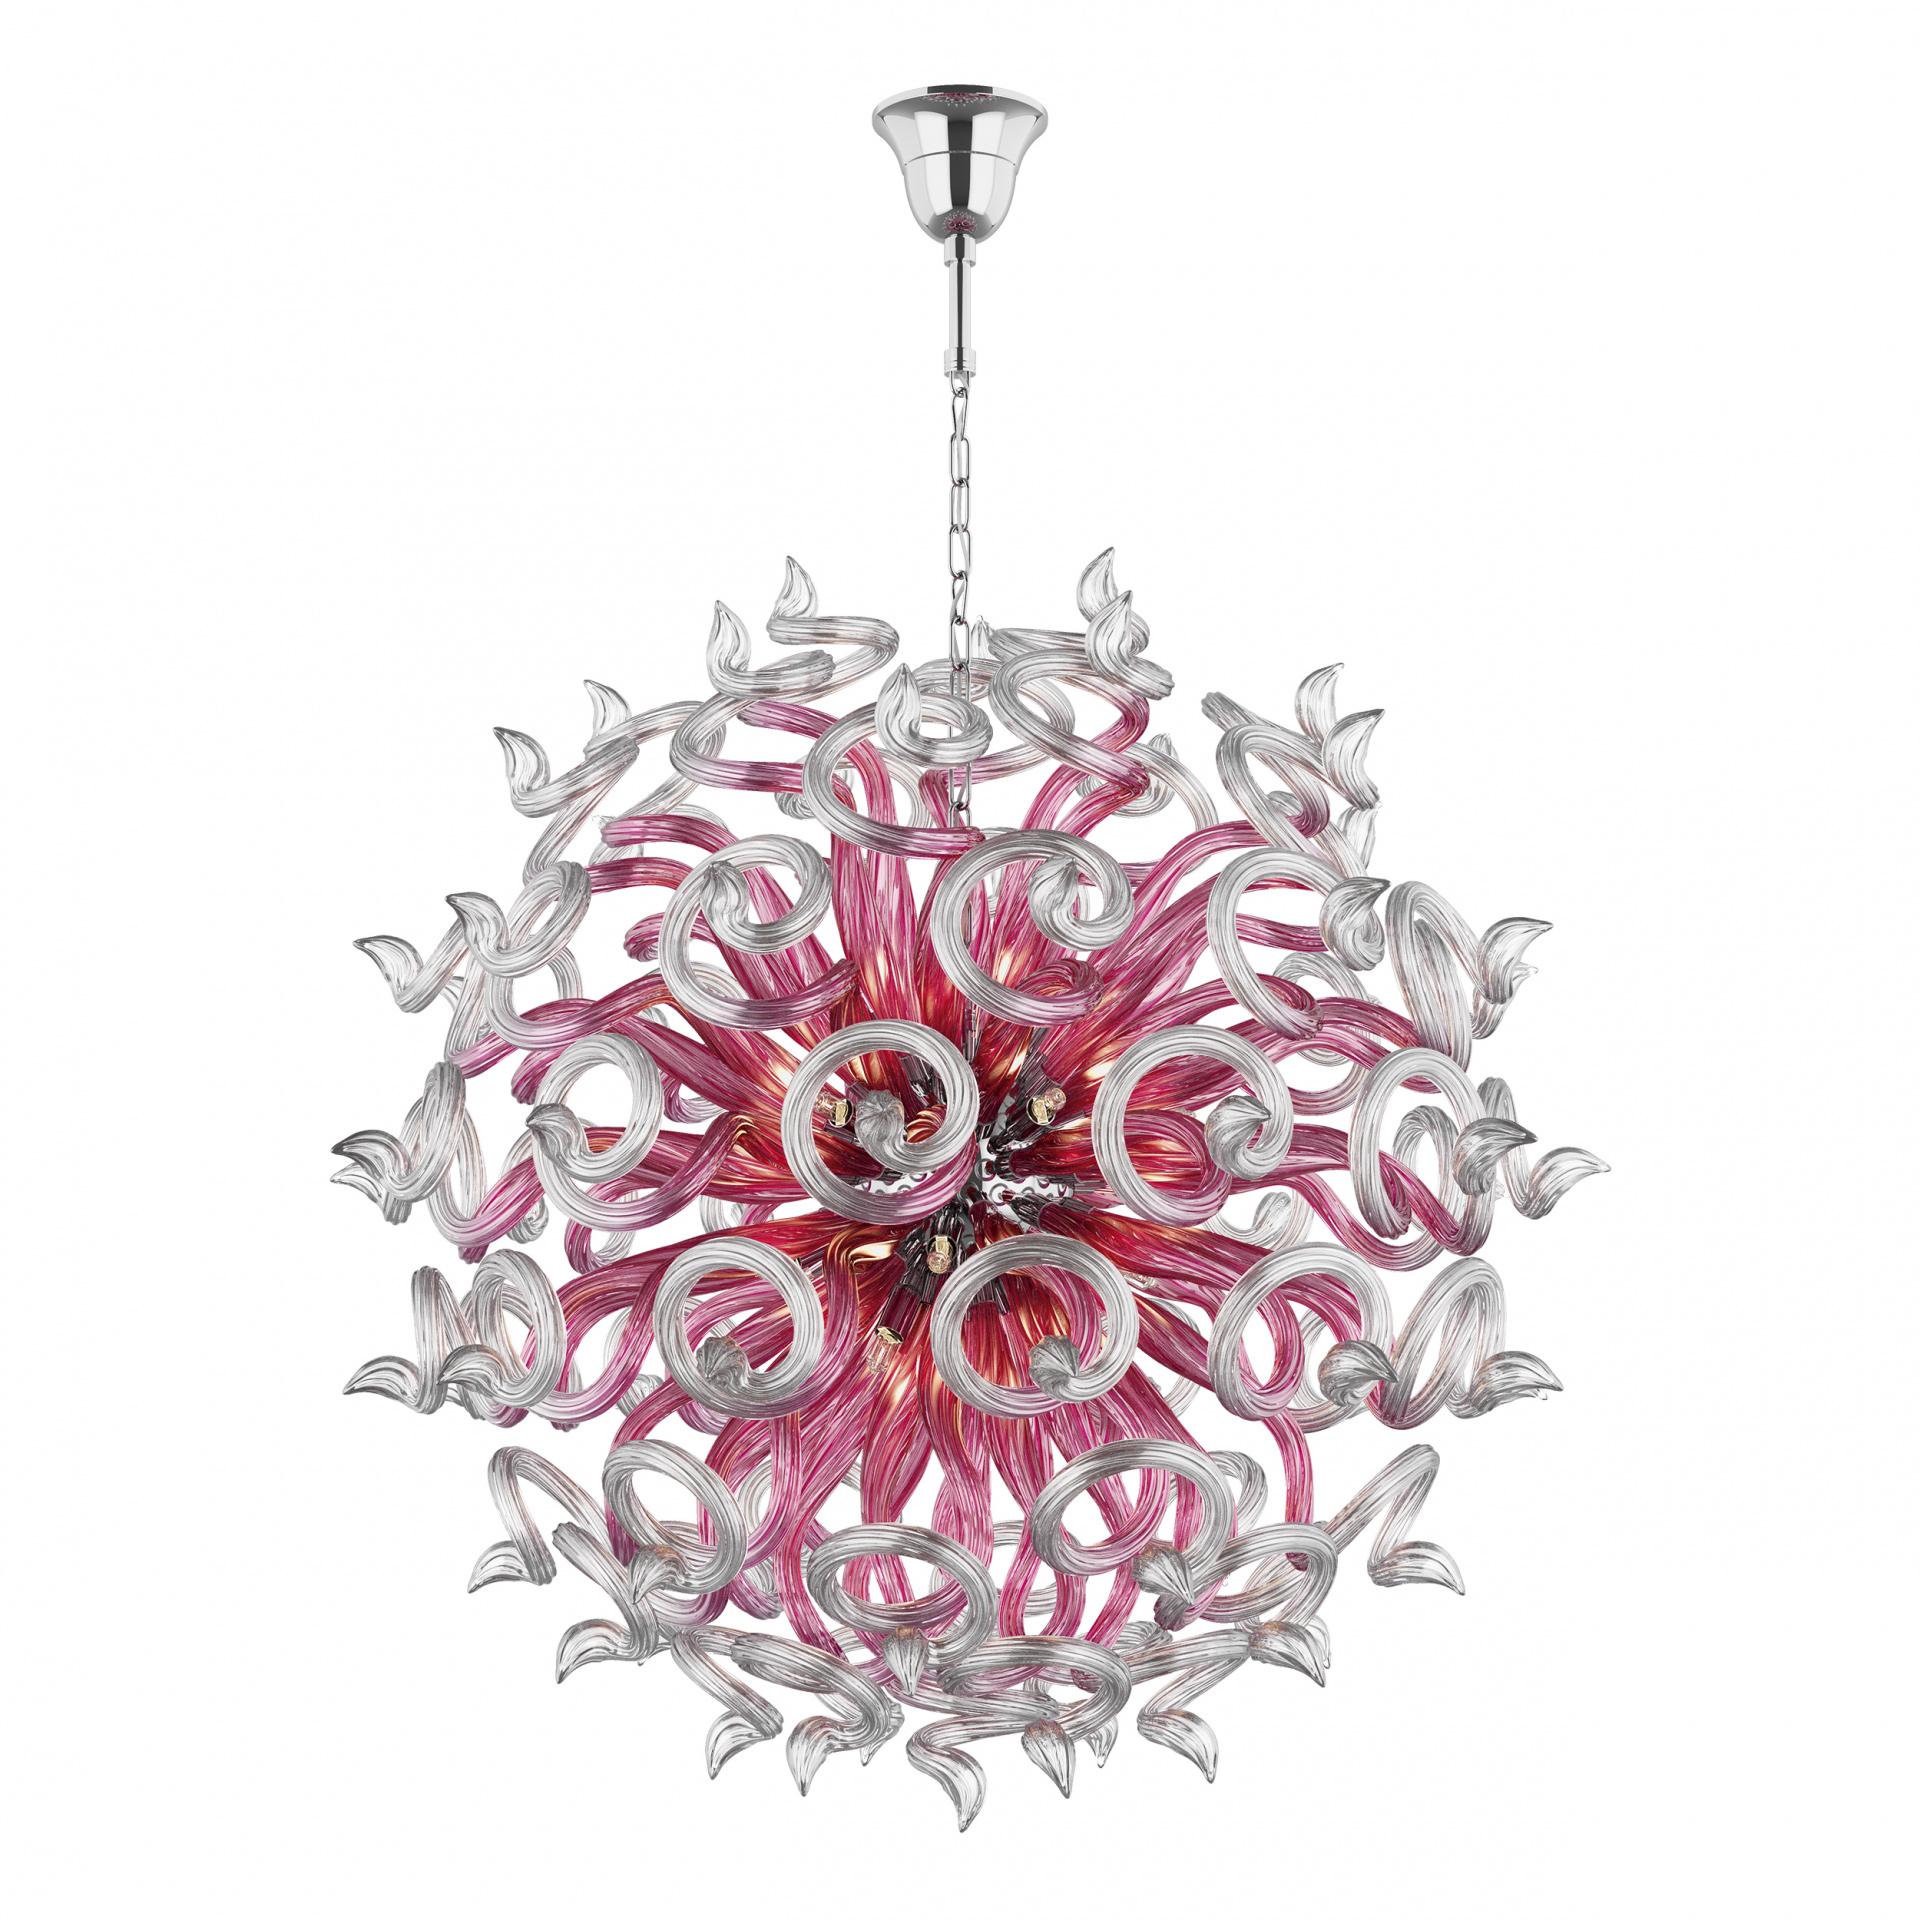 Люстра подвесная Medusa 18x40W G9 розовый Lightstar 890182, купить в СПб, Москве, с доставкой, Санкт-Петербург, интернет-магазин люстр и светильников Starlight, фото в жизни